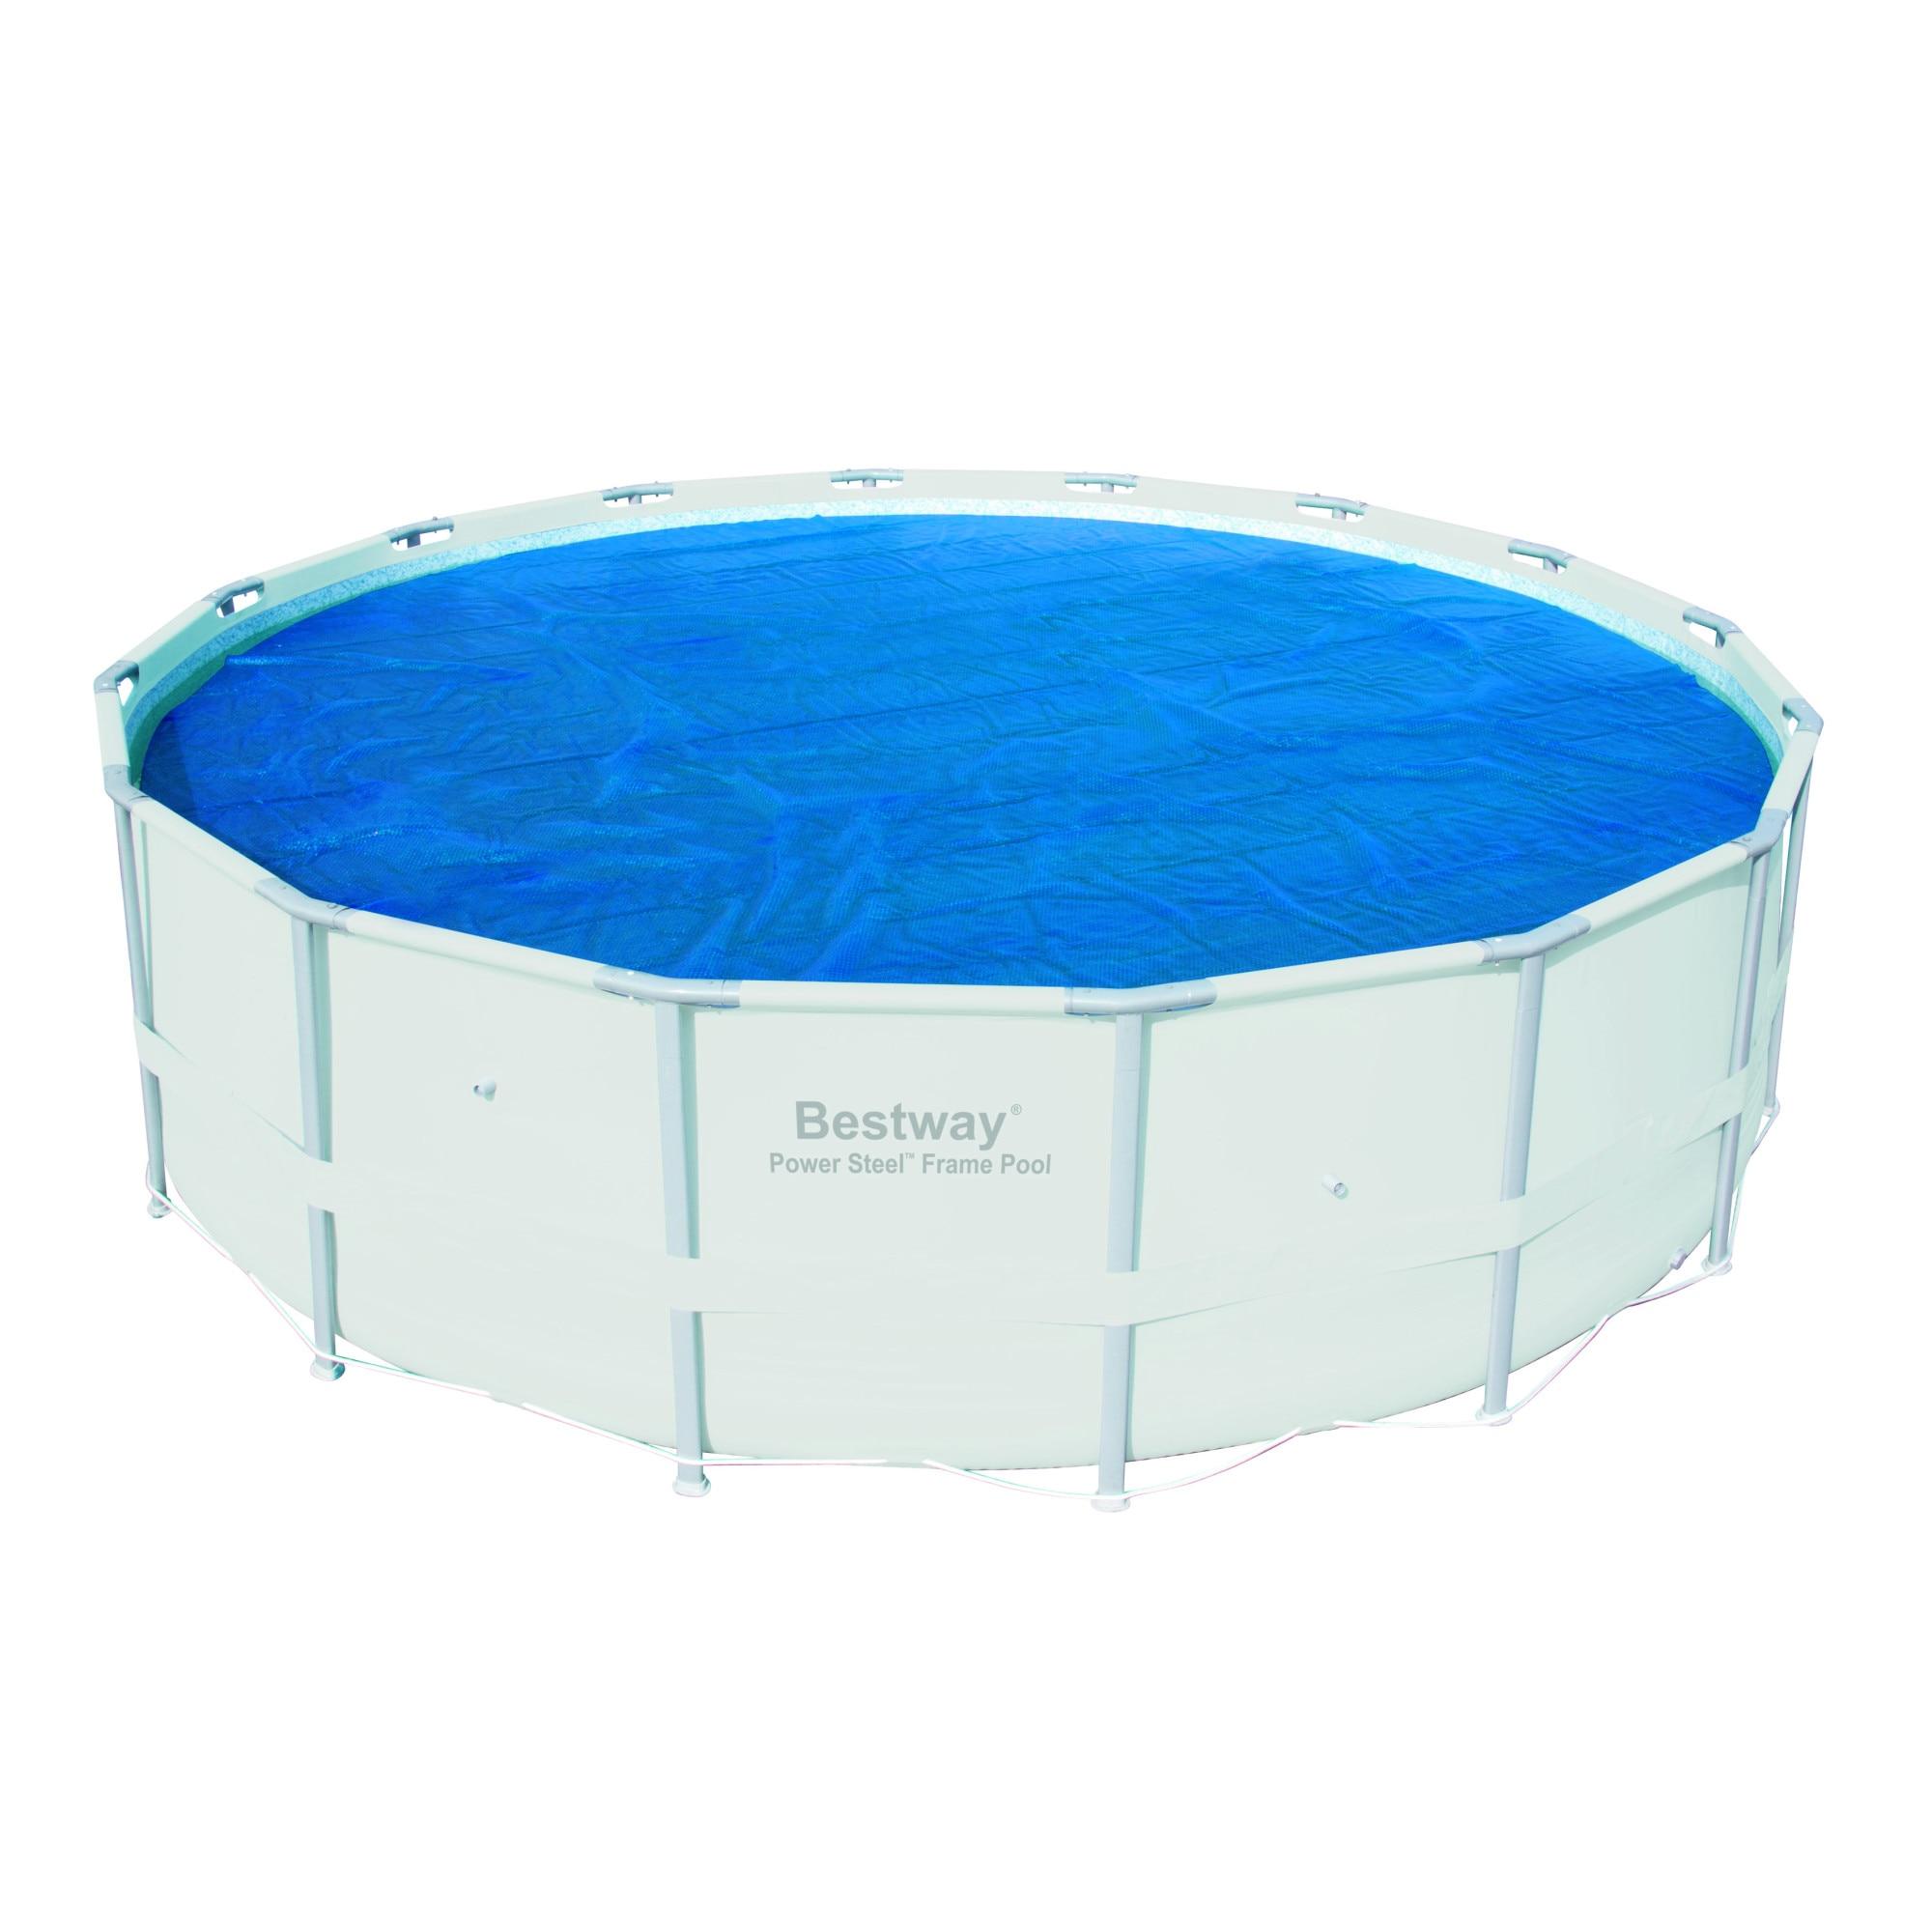 Téli medence takaró a 460 cm es kör alakú medencékhez eMAG.hu